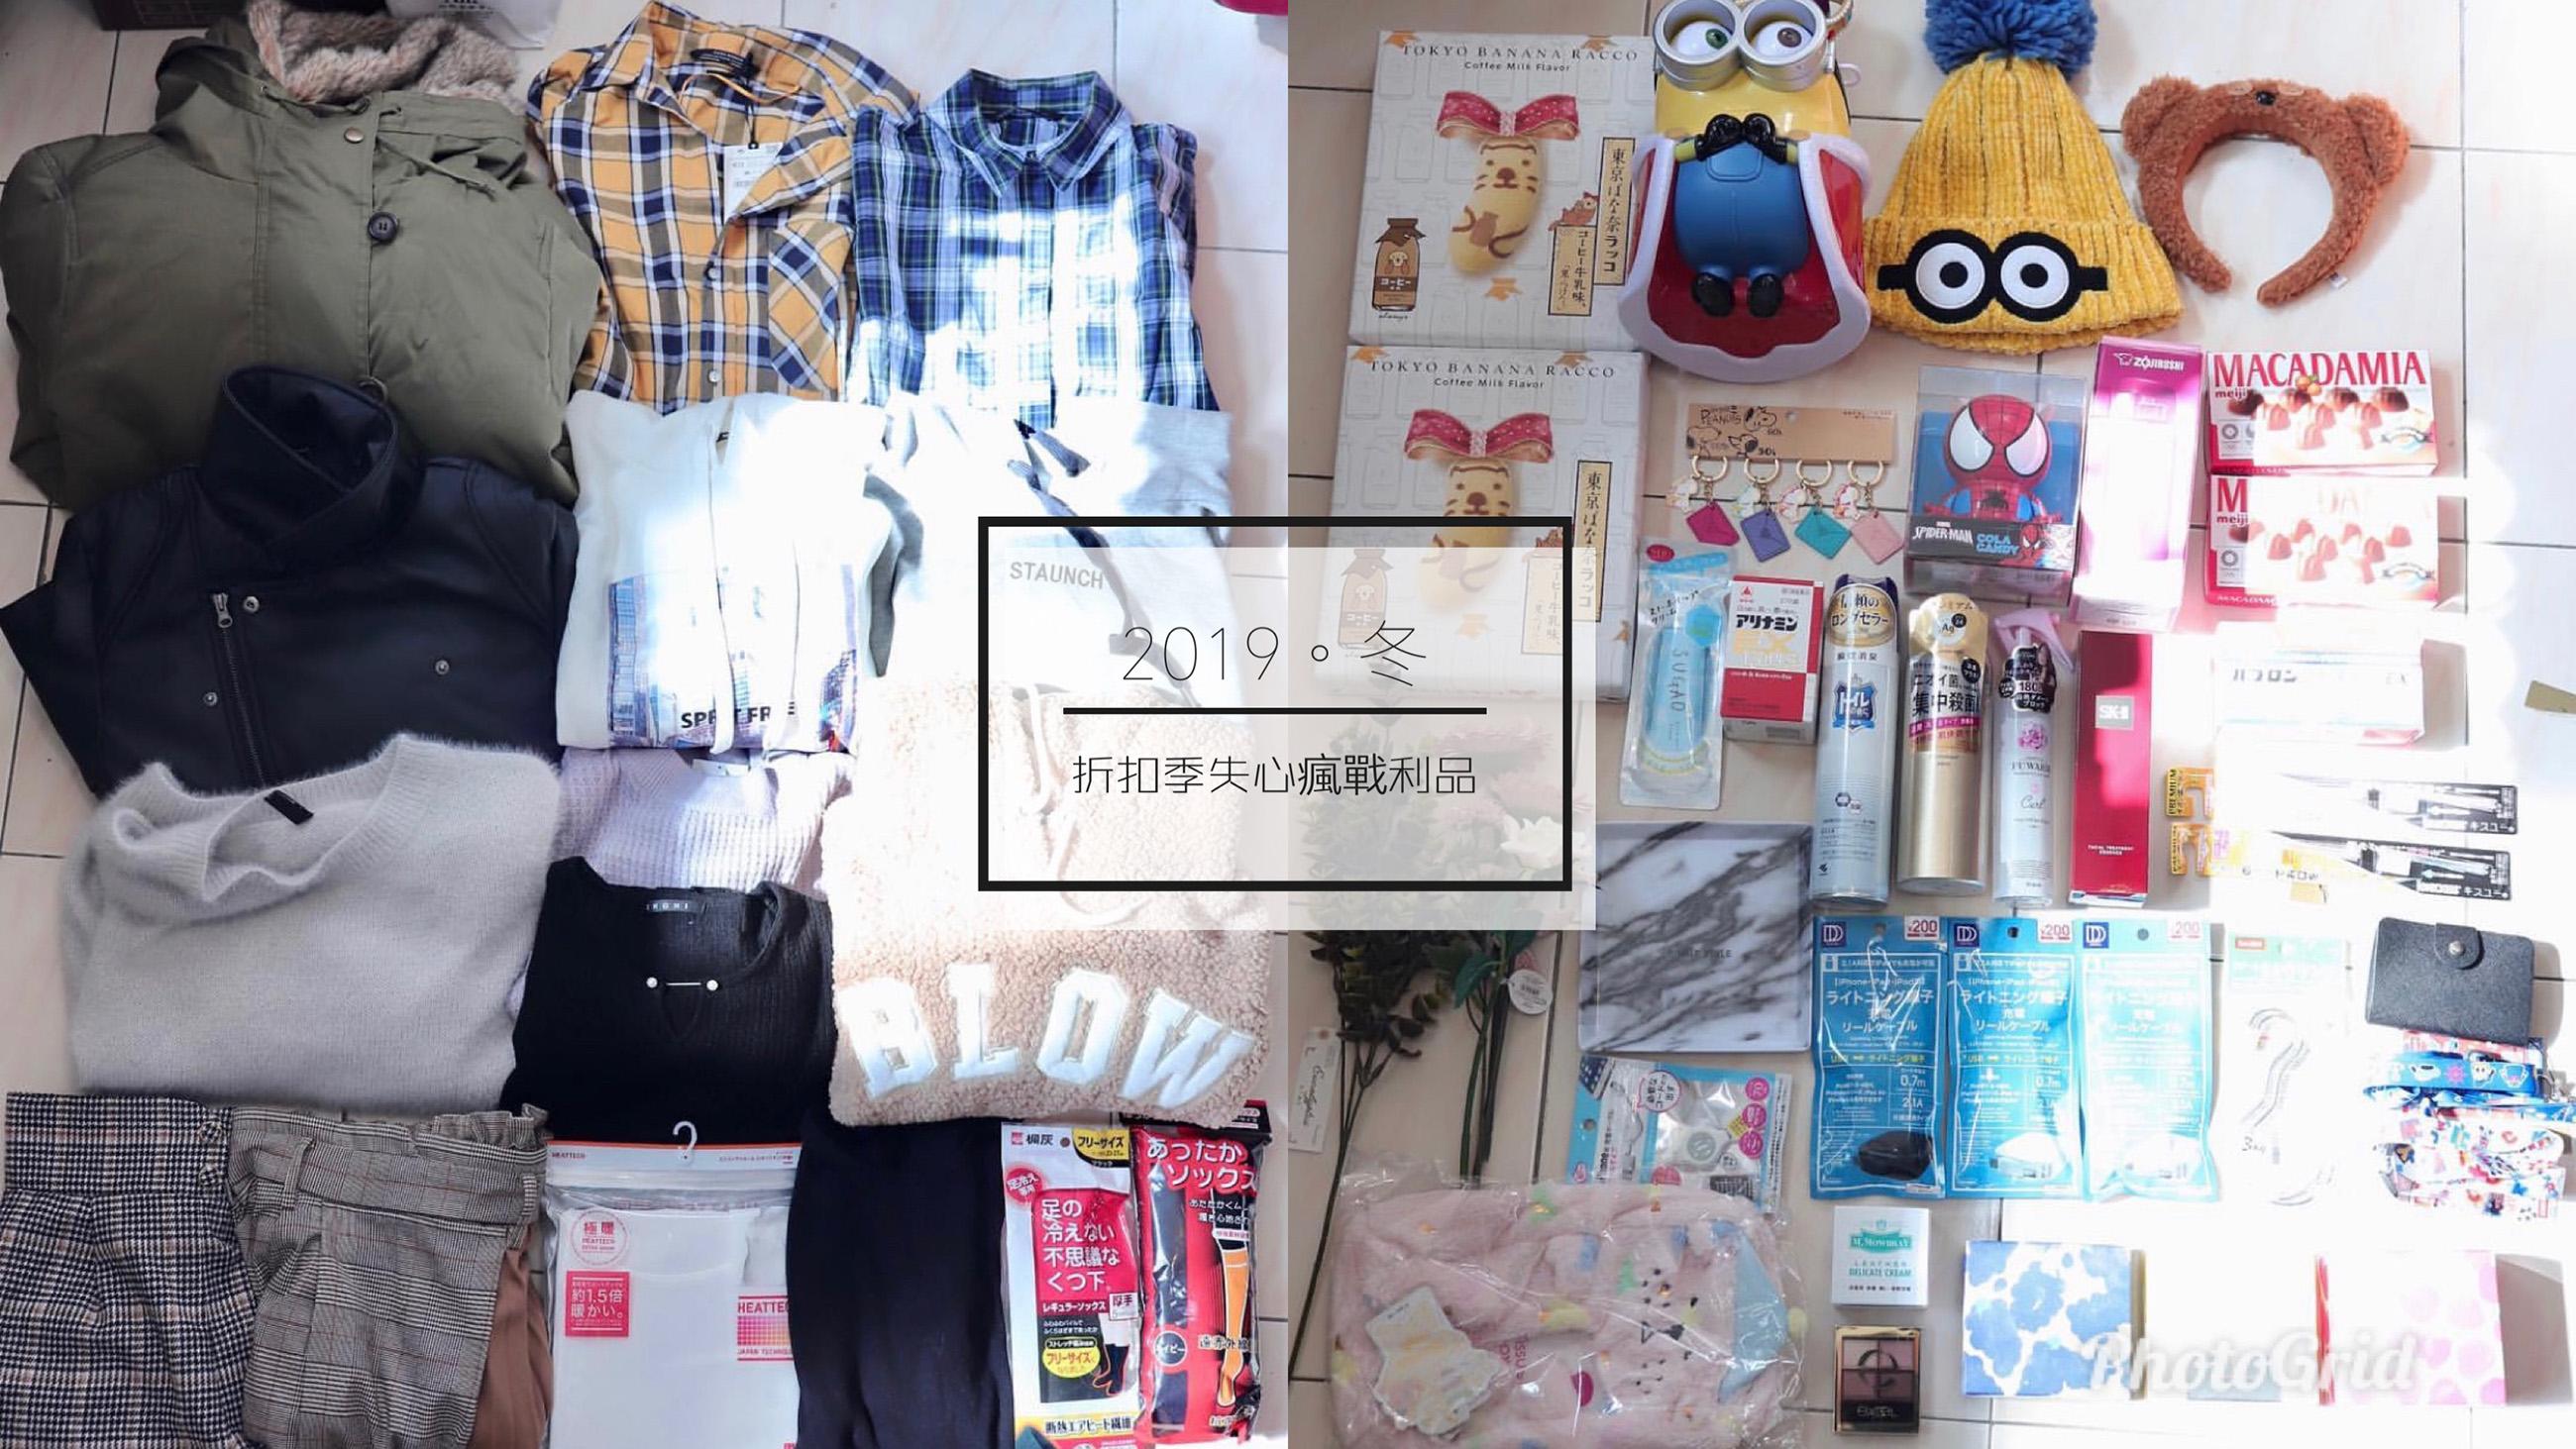 ☆【2019。大阪】一月折扣季失心瘋戰利品公開 @凱的日本食尚日記